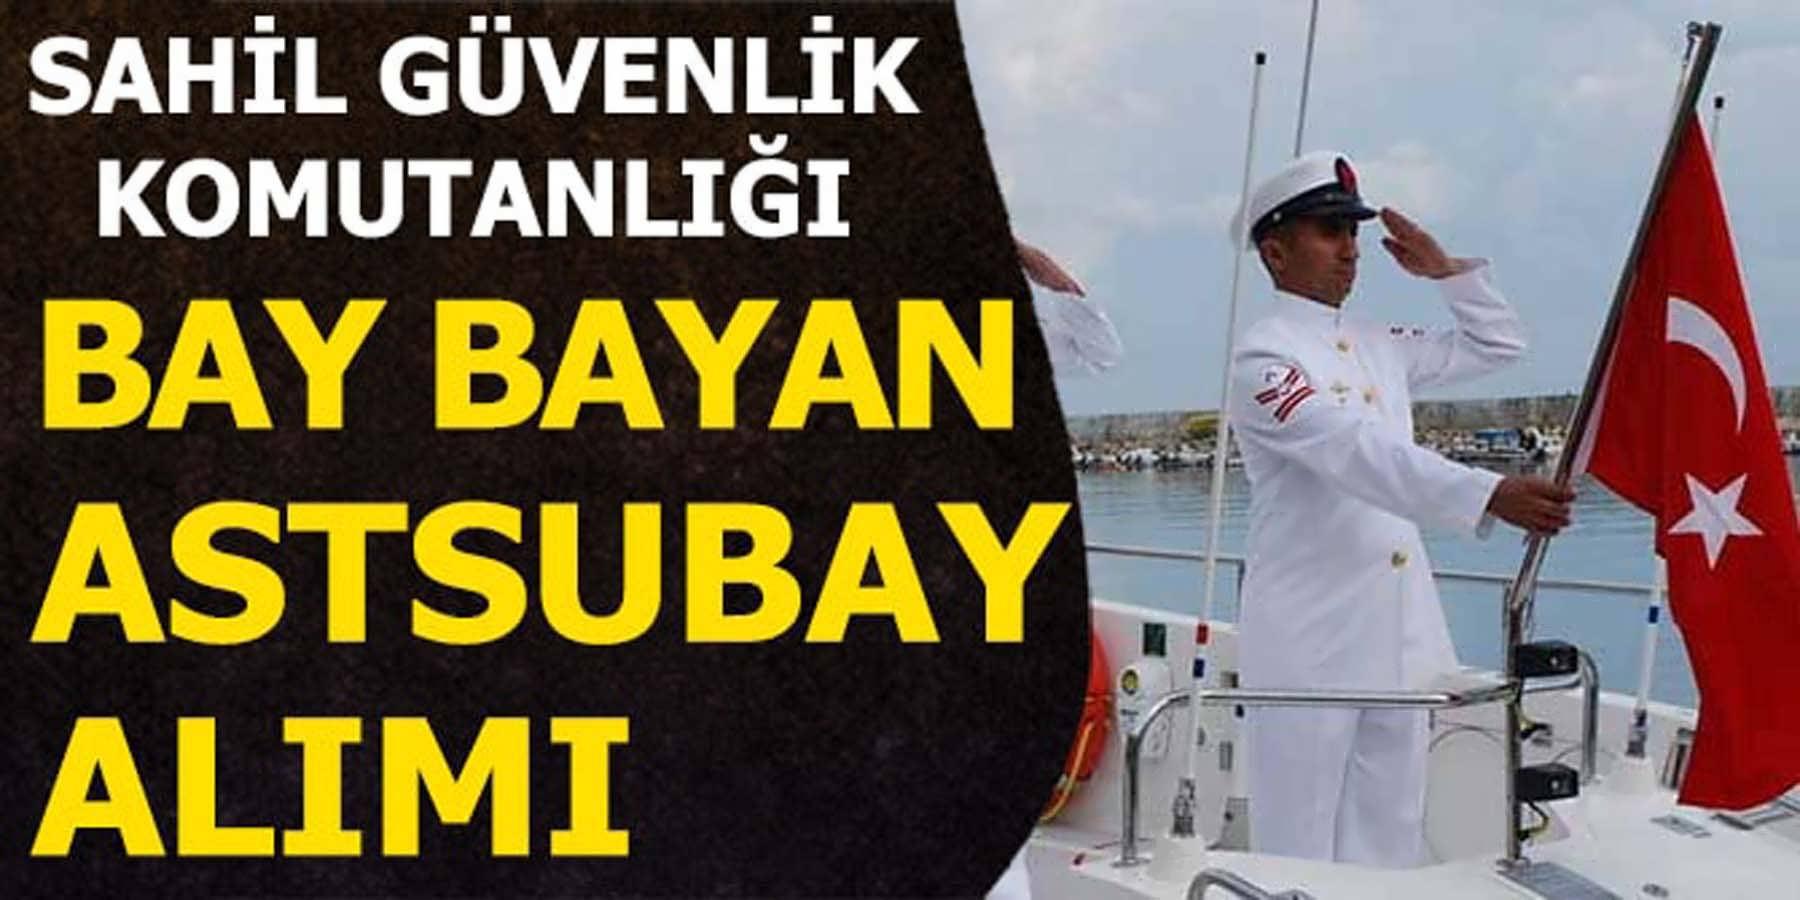 Sahil Güvenlik Komutanlığı 160 Astsubay Alımı 2018